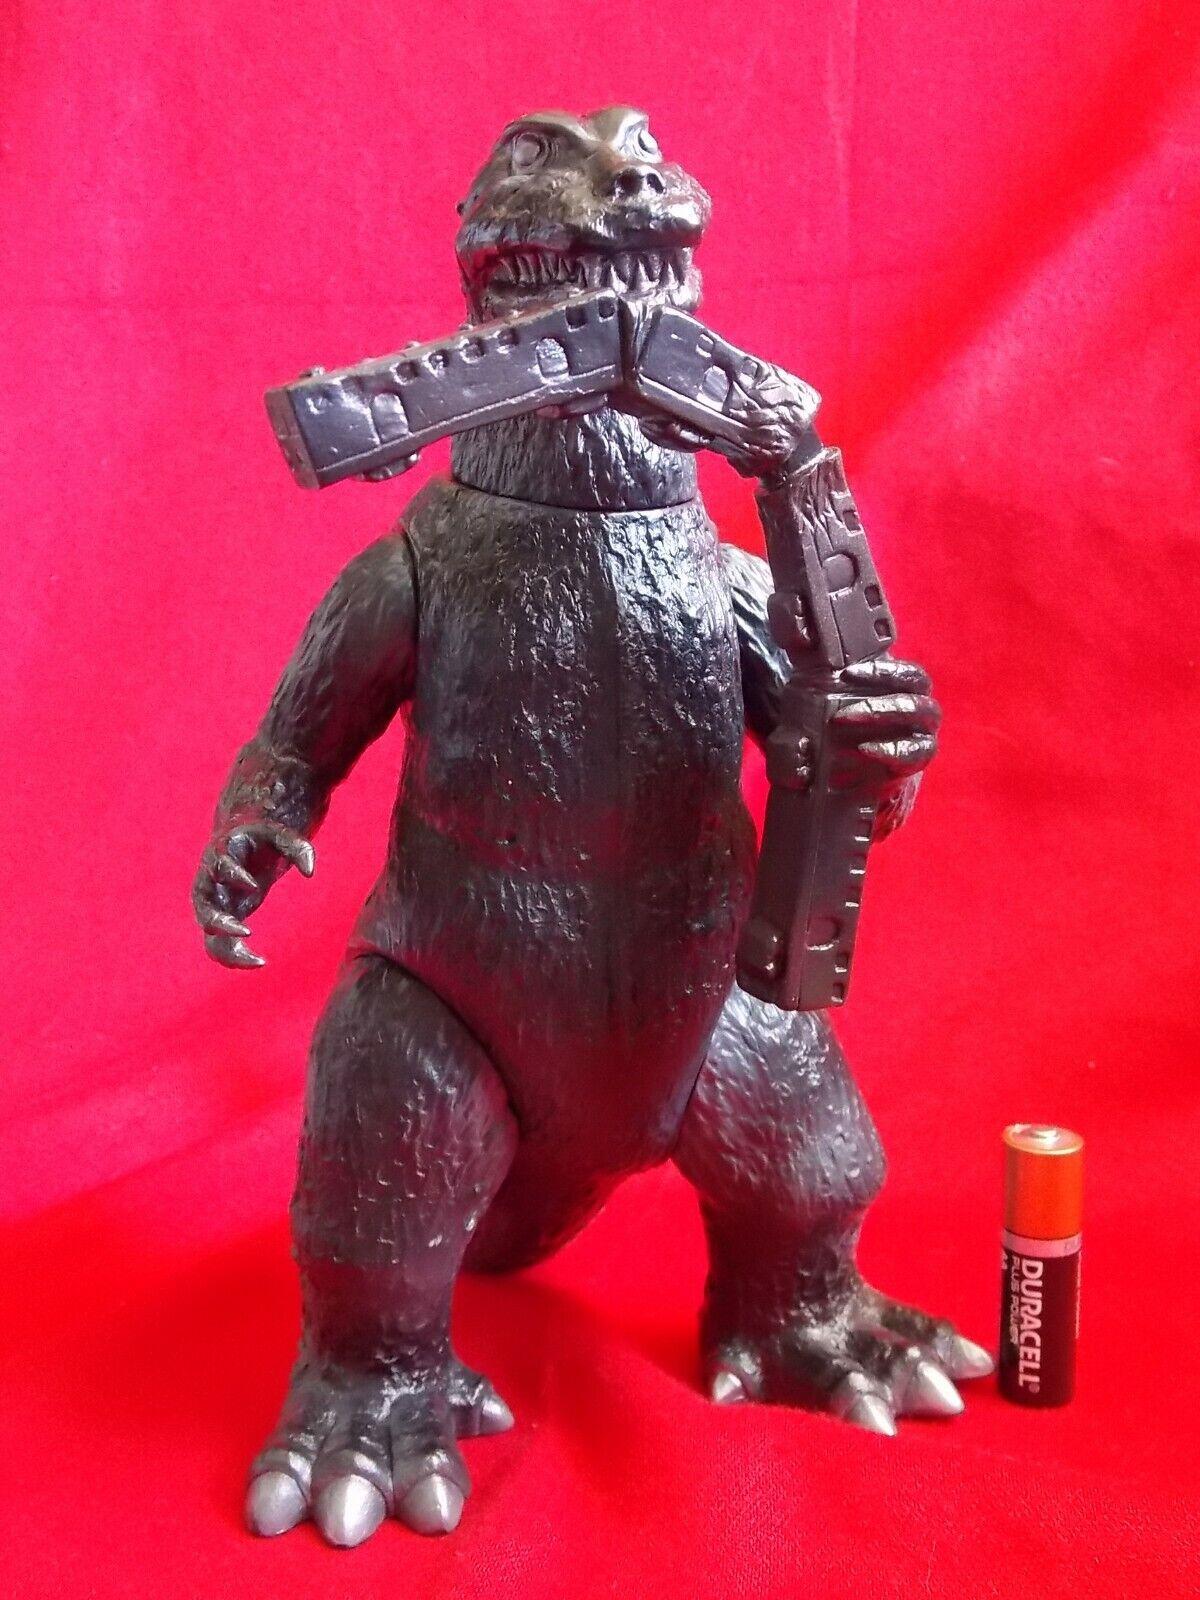 Godzilla'54 bearmodel MEDICOM Juguete 2015 Mancha Pvc Figura 9  23cm Godzilla